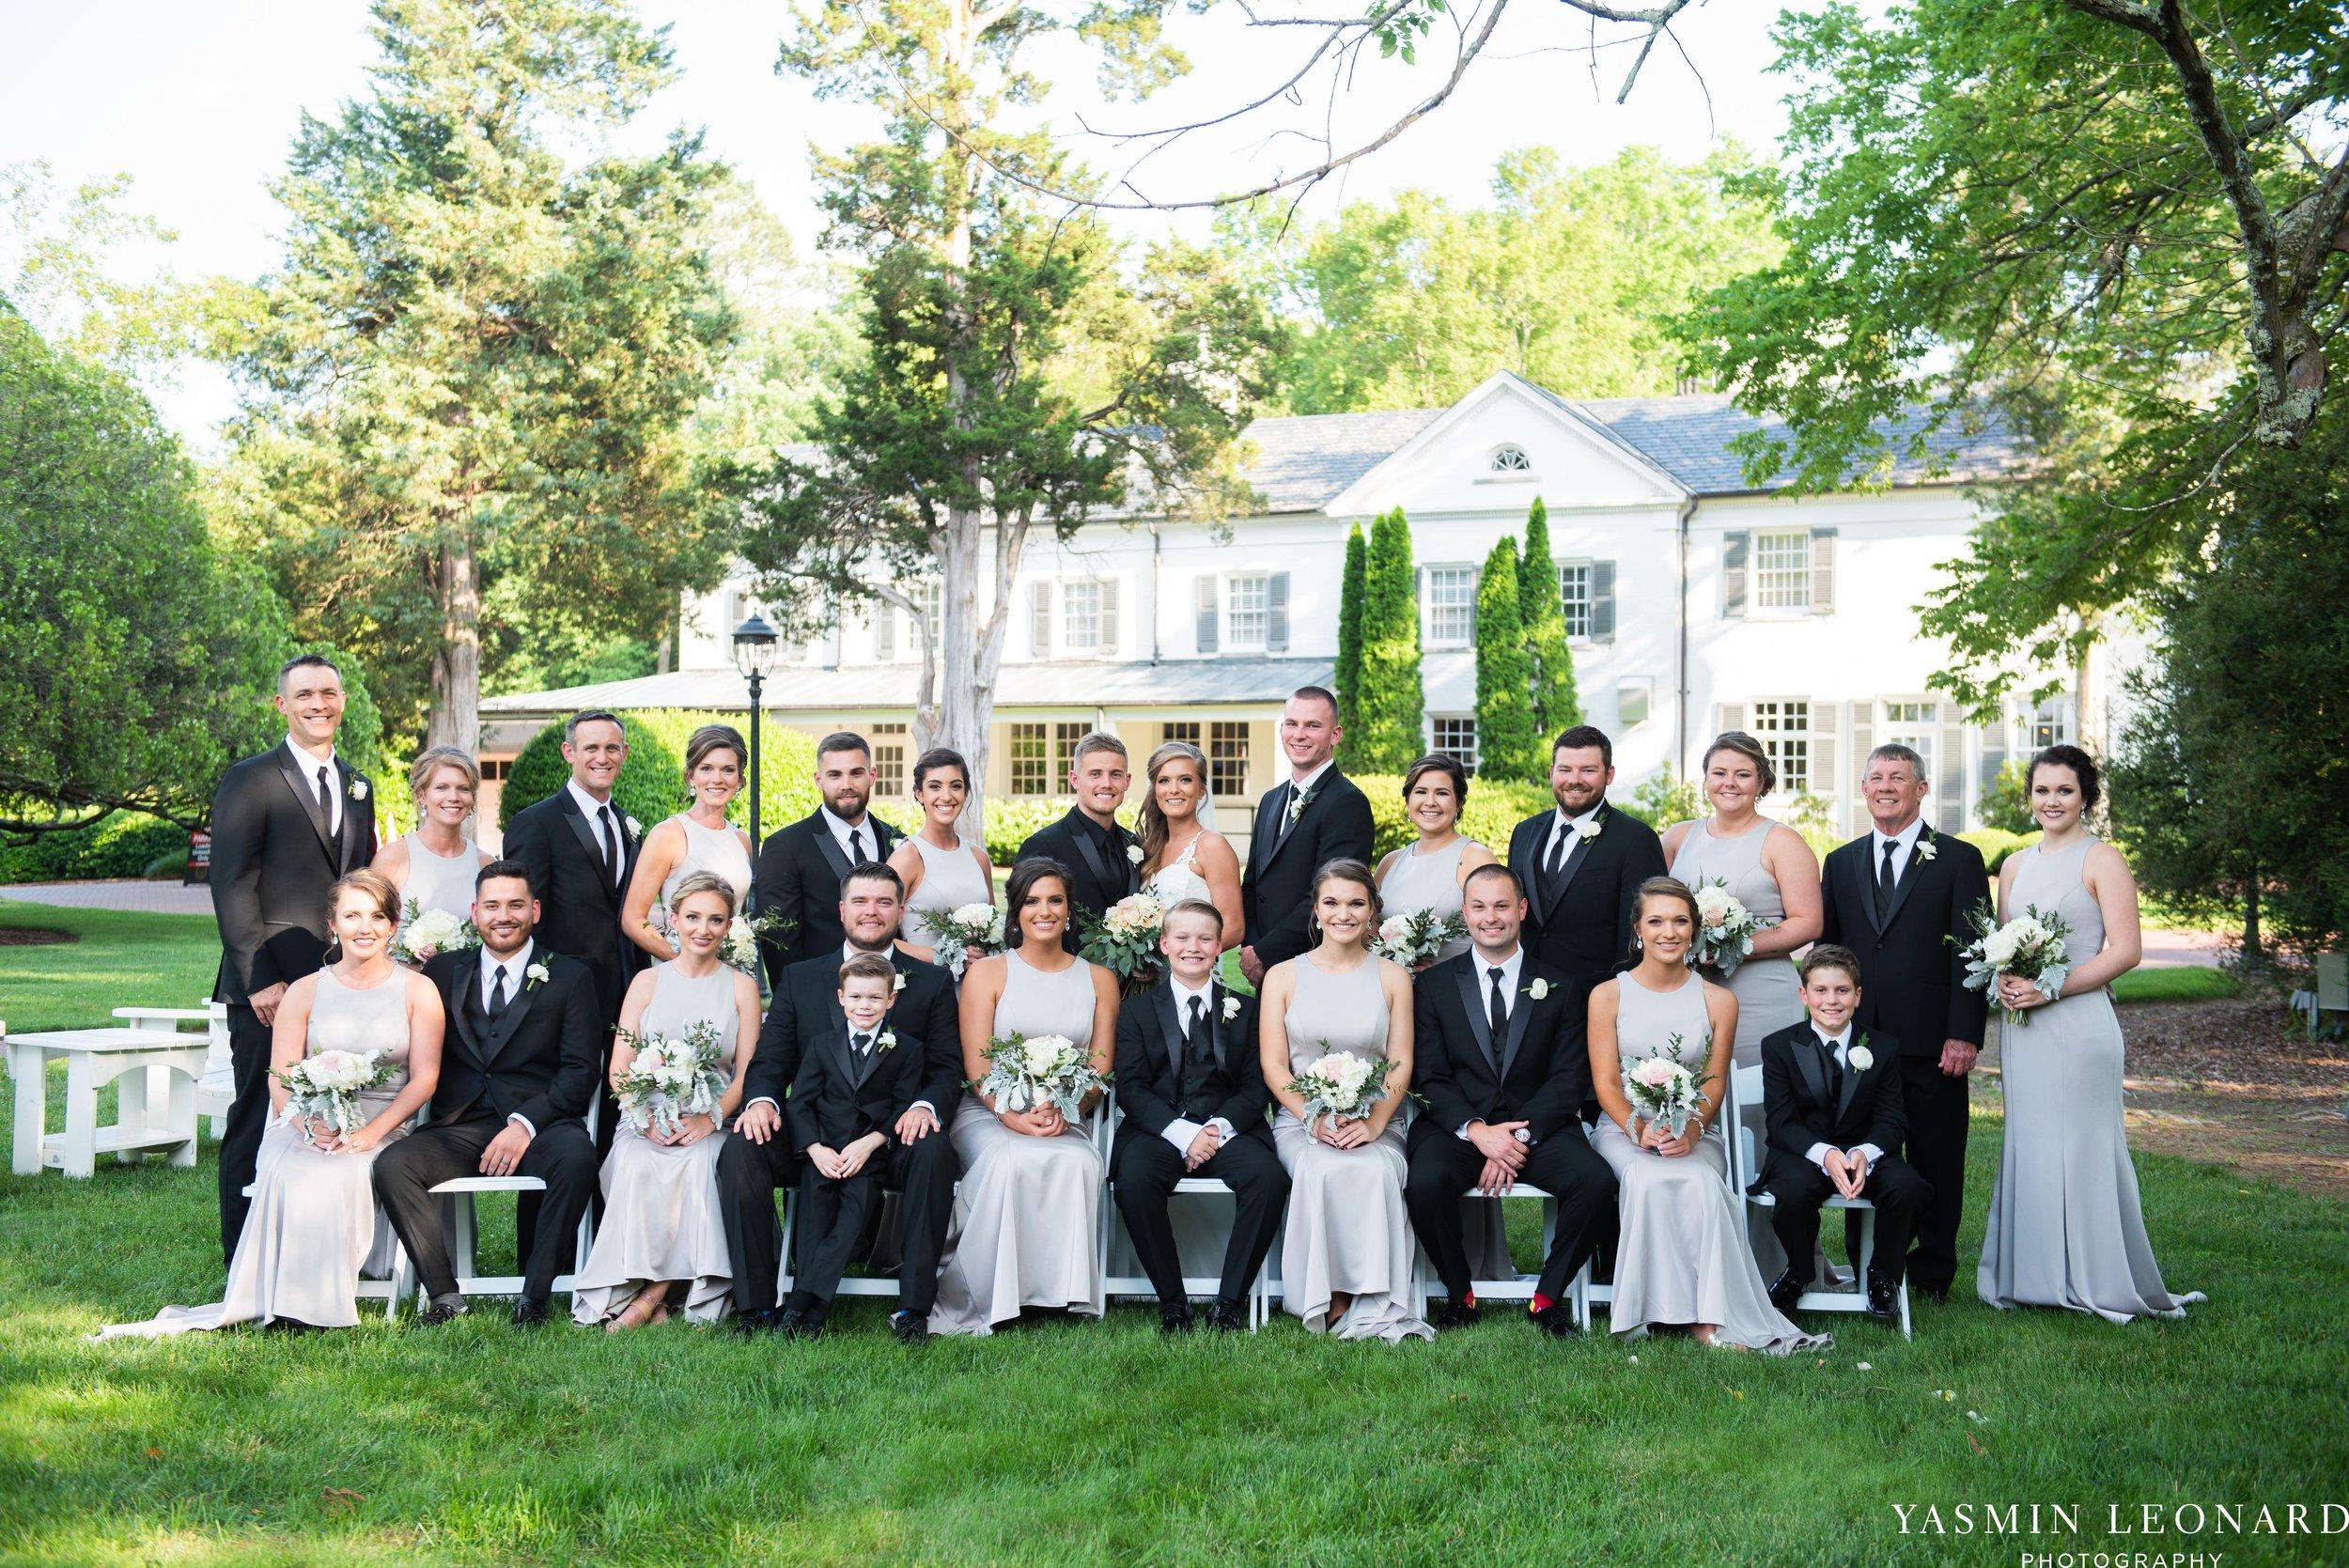 Boxwood Estate - Boxwood Estate Wedding - Luxury Wedding - Black and White Wedding - NC Wedding Venues - NC Weddings - NC Photographer - Lantern Release Grand Exit - Large Wedding Party - Yasmin Leonard Photography-34.jpg